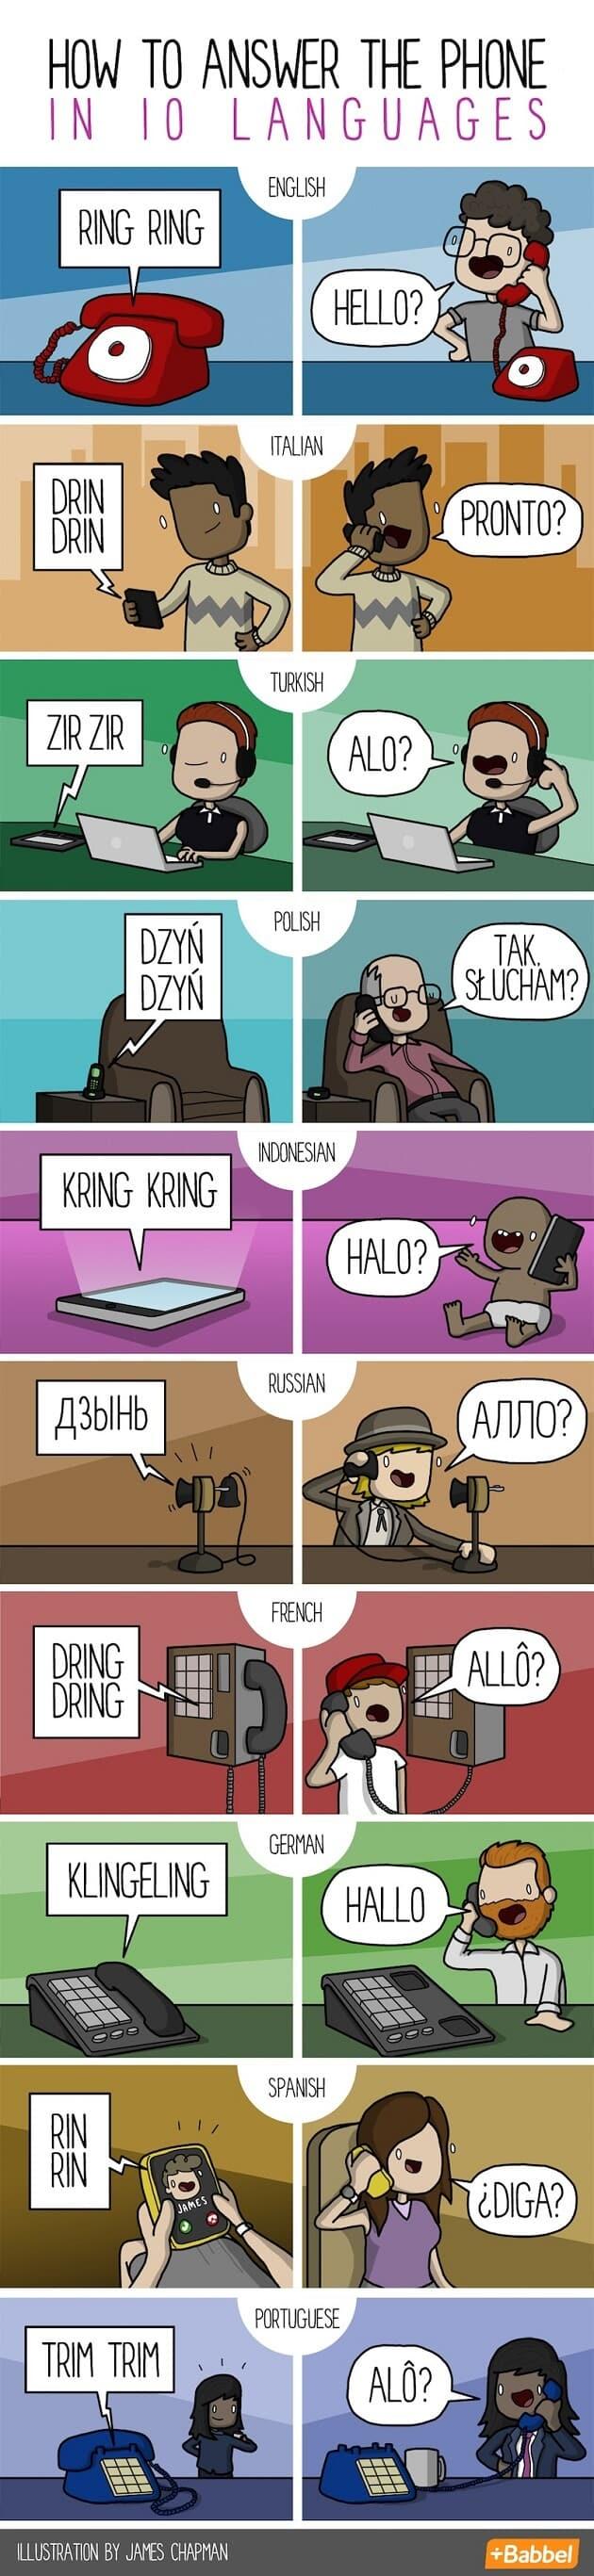 Infographie comment répondre au téléphone en 10 langues différentes